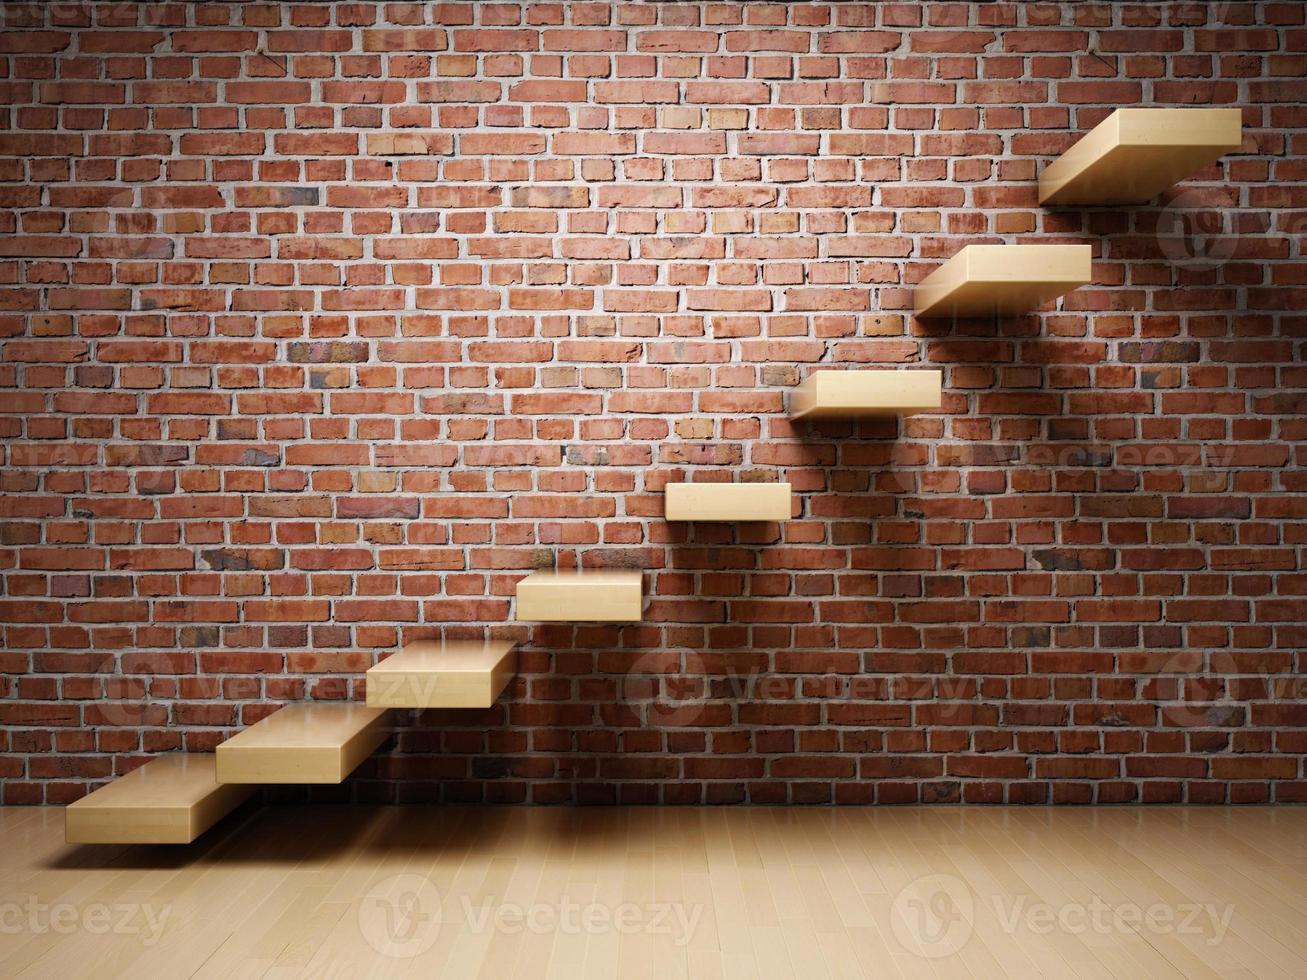 escalier abstrait photo